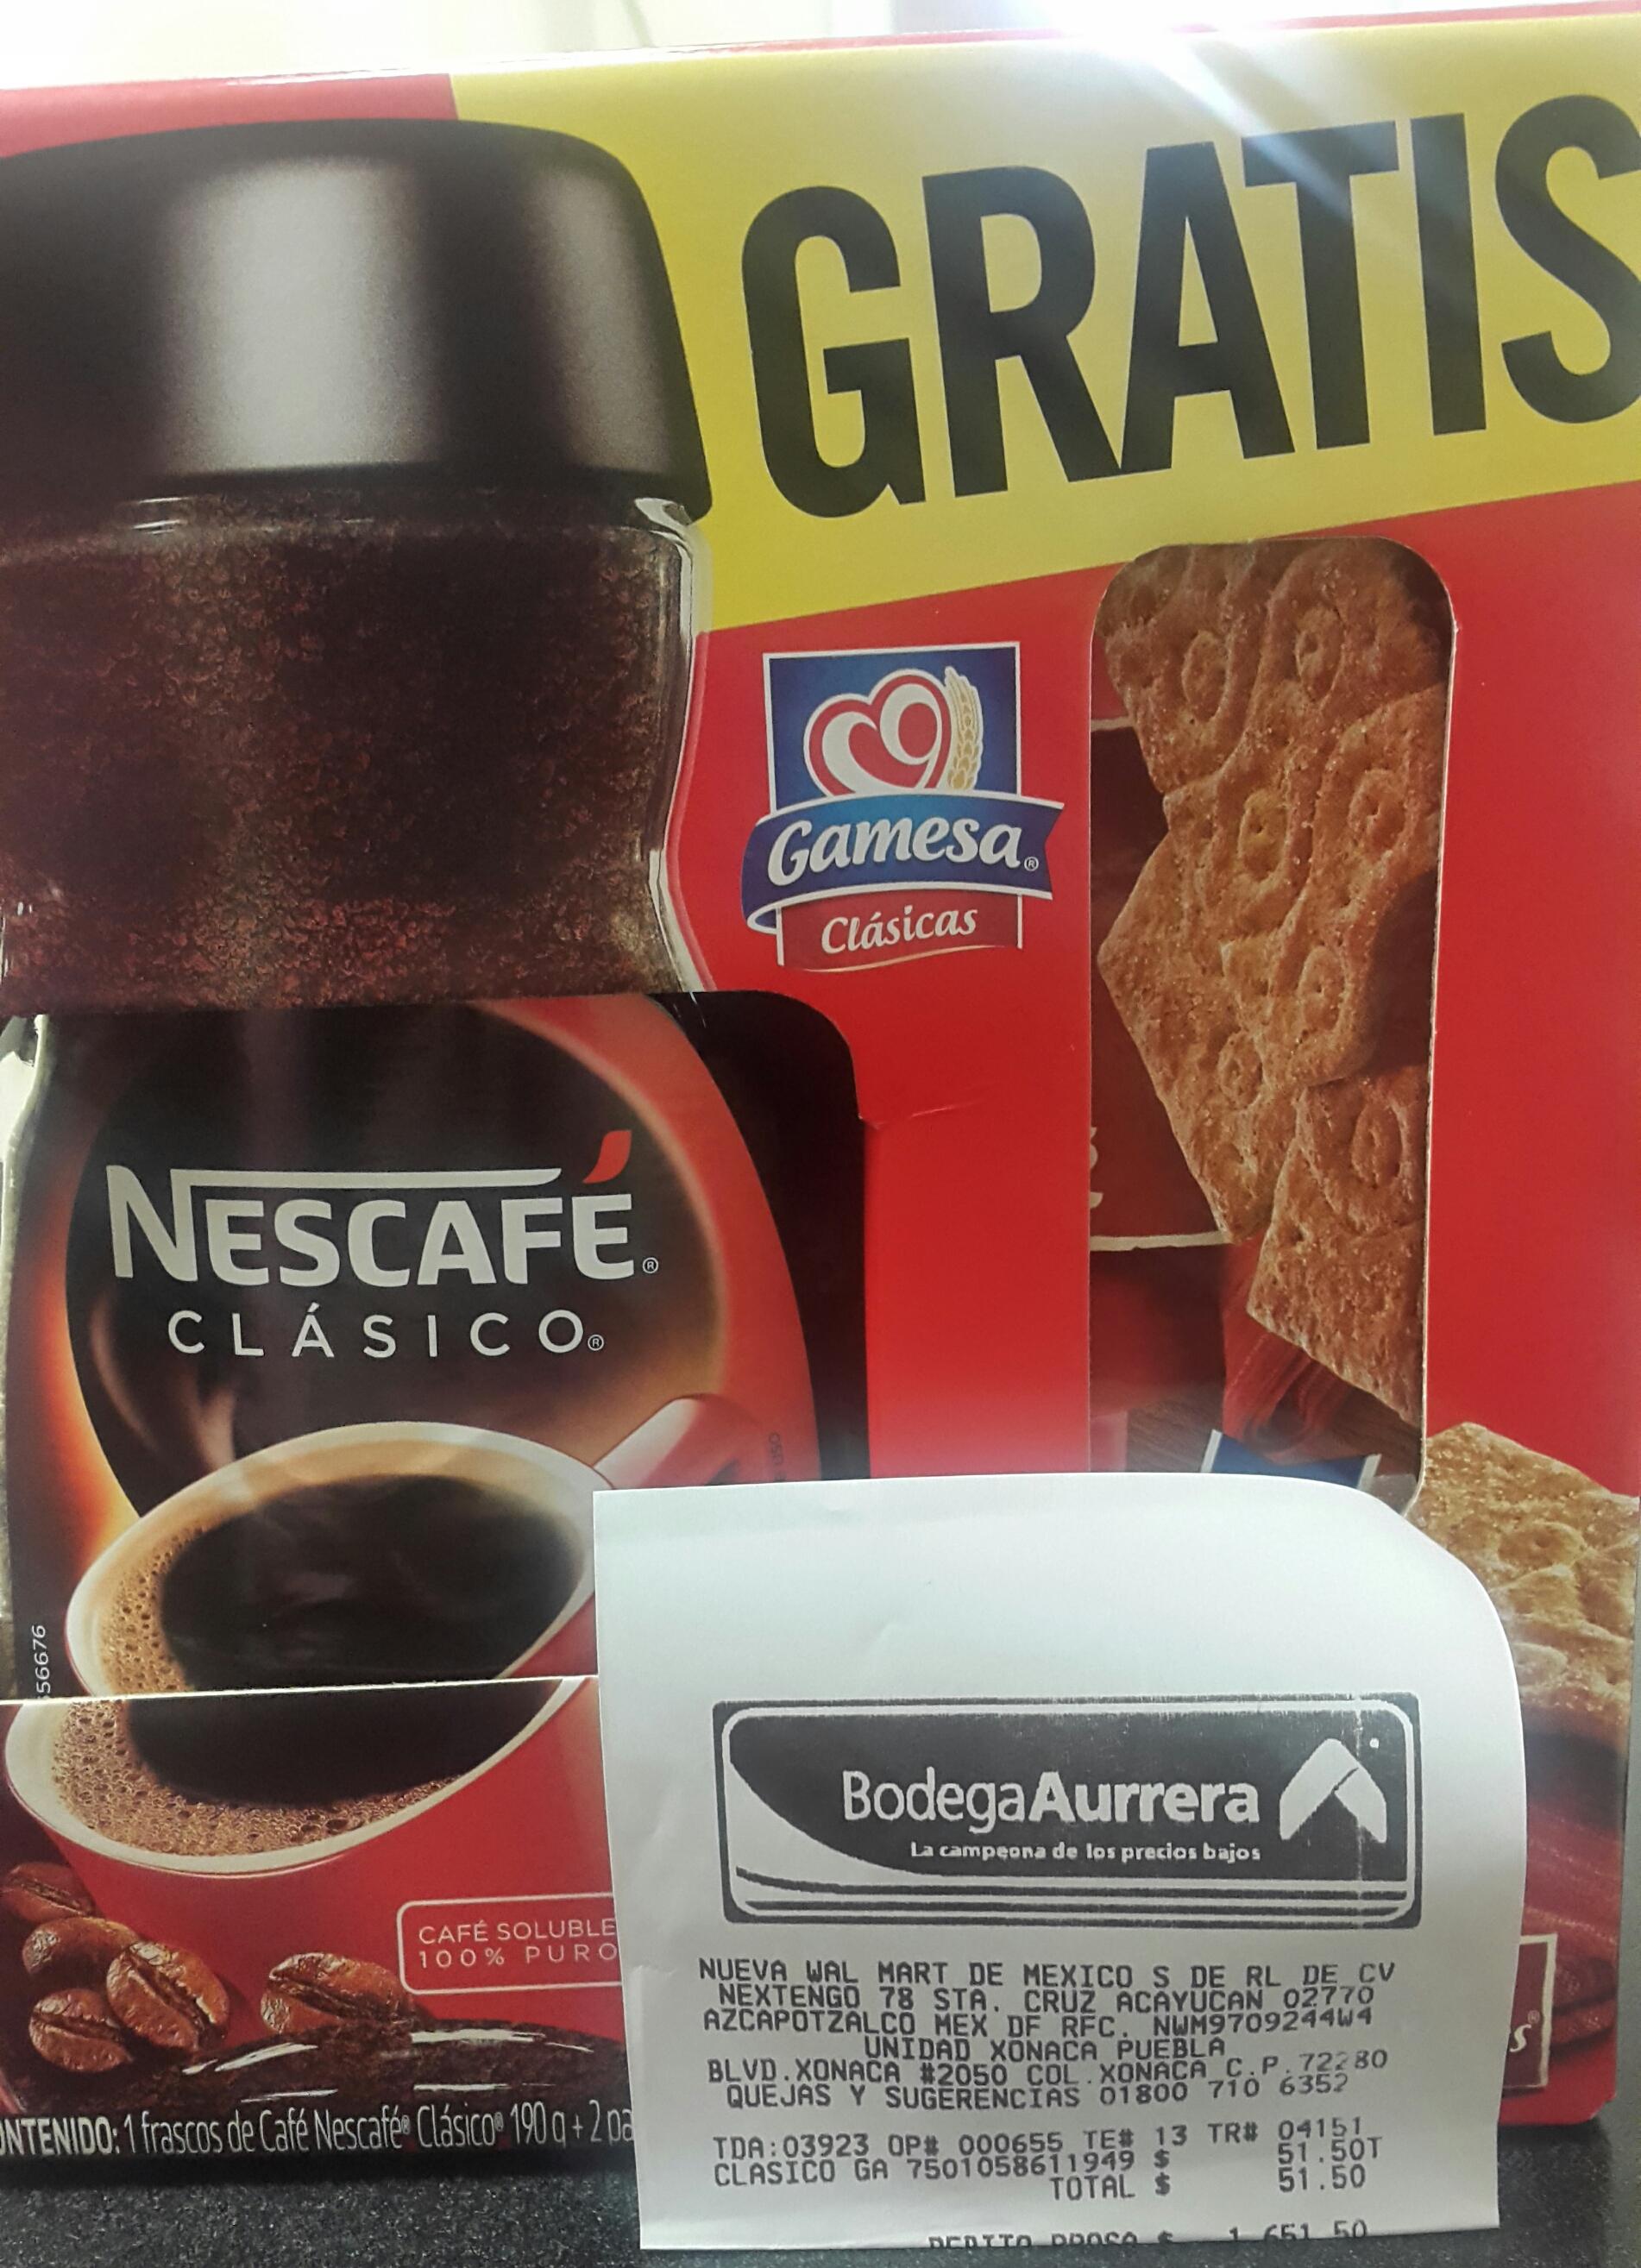 Bodega Aurrerá: Nescafé Clasico 190g $51.50 + 2 Ricanelas gratis